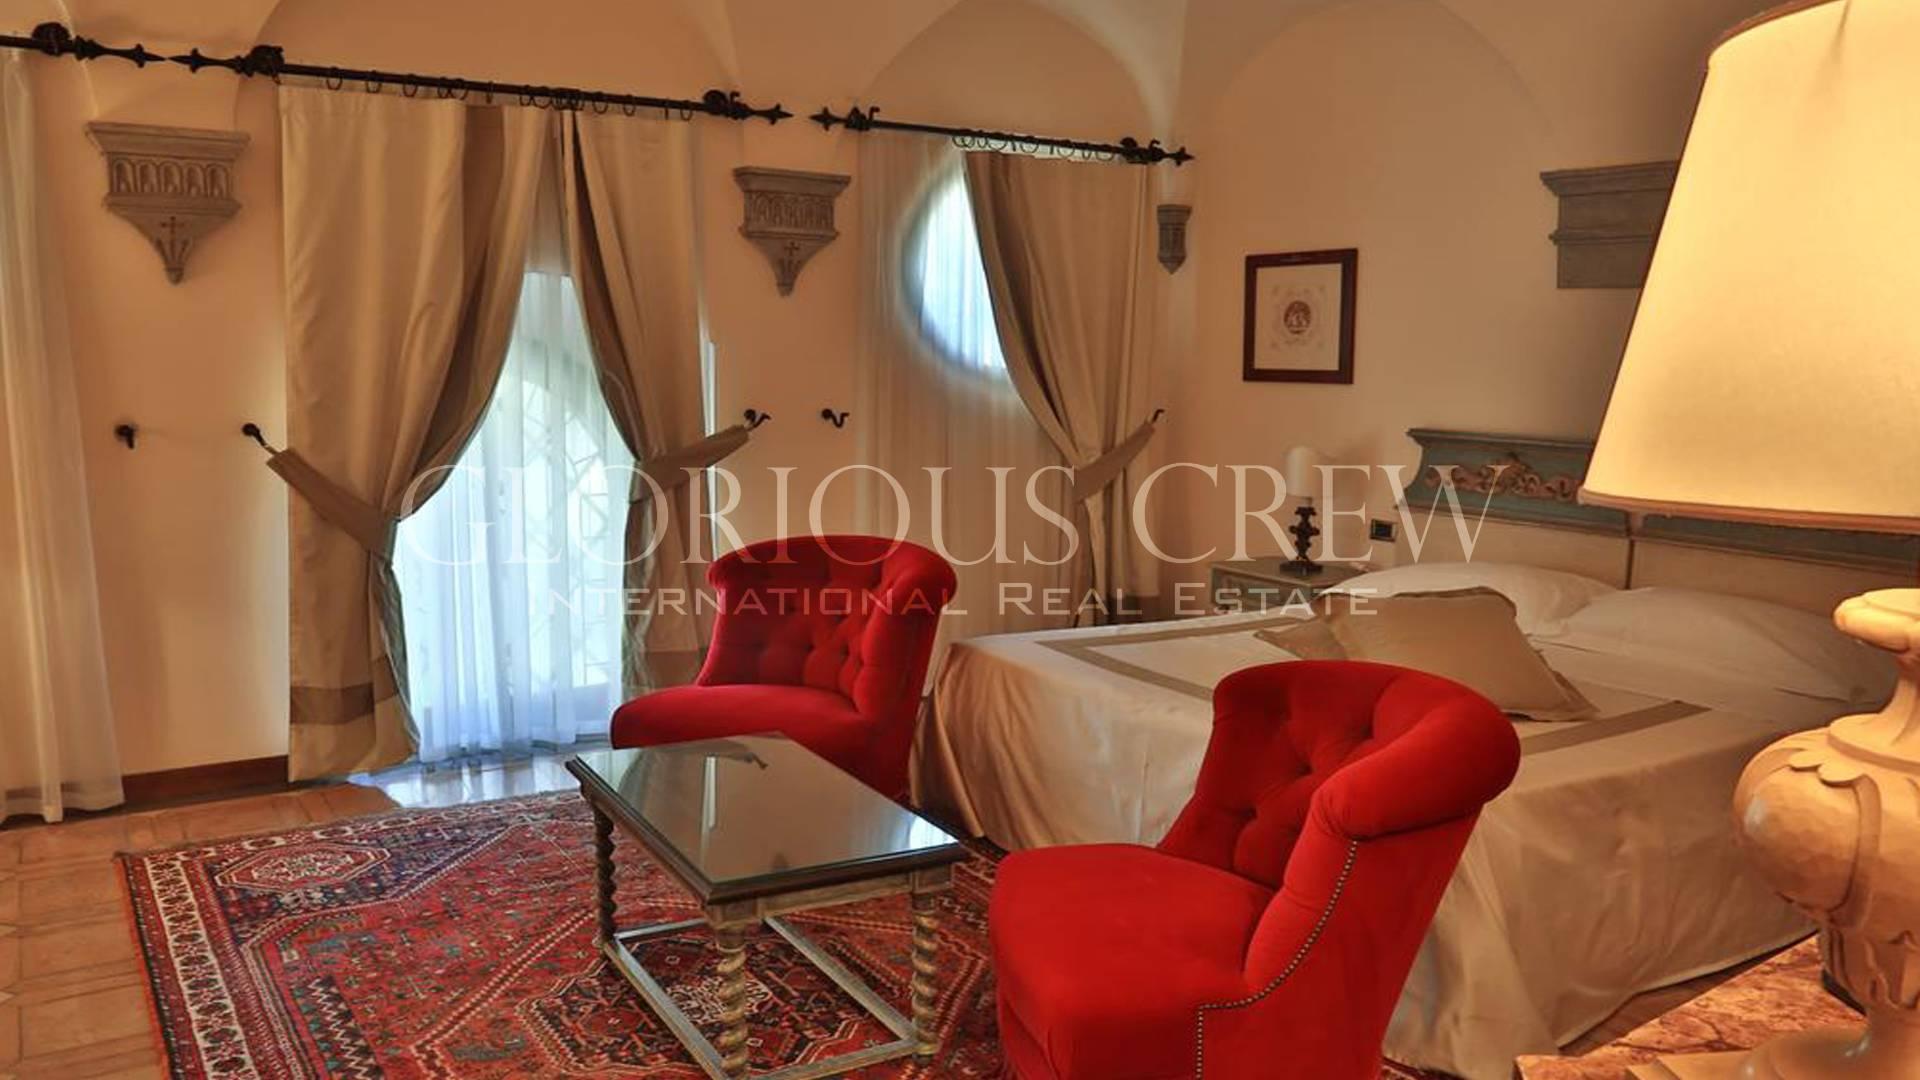 Rustico in Vendita a San Gimignano: 5 locali, 2500 mq - Foto 13